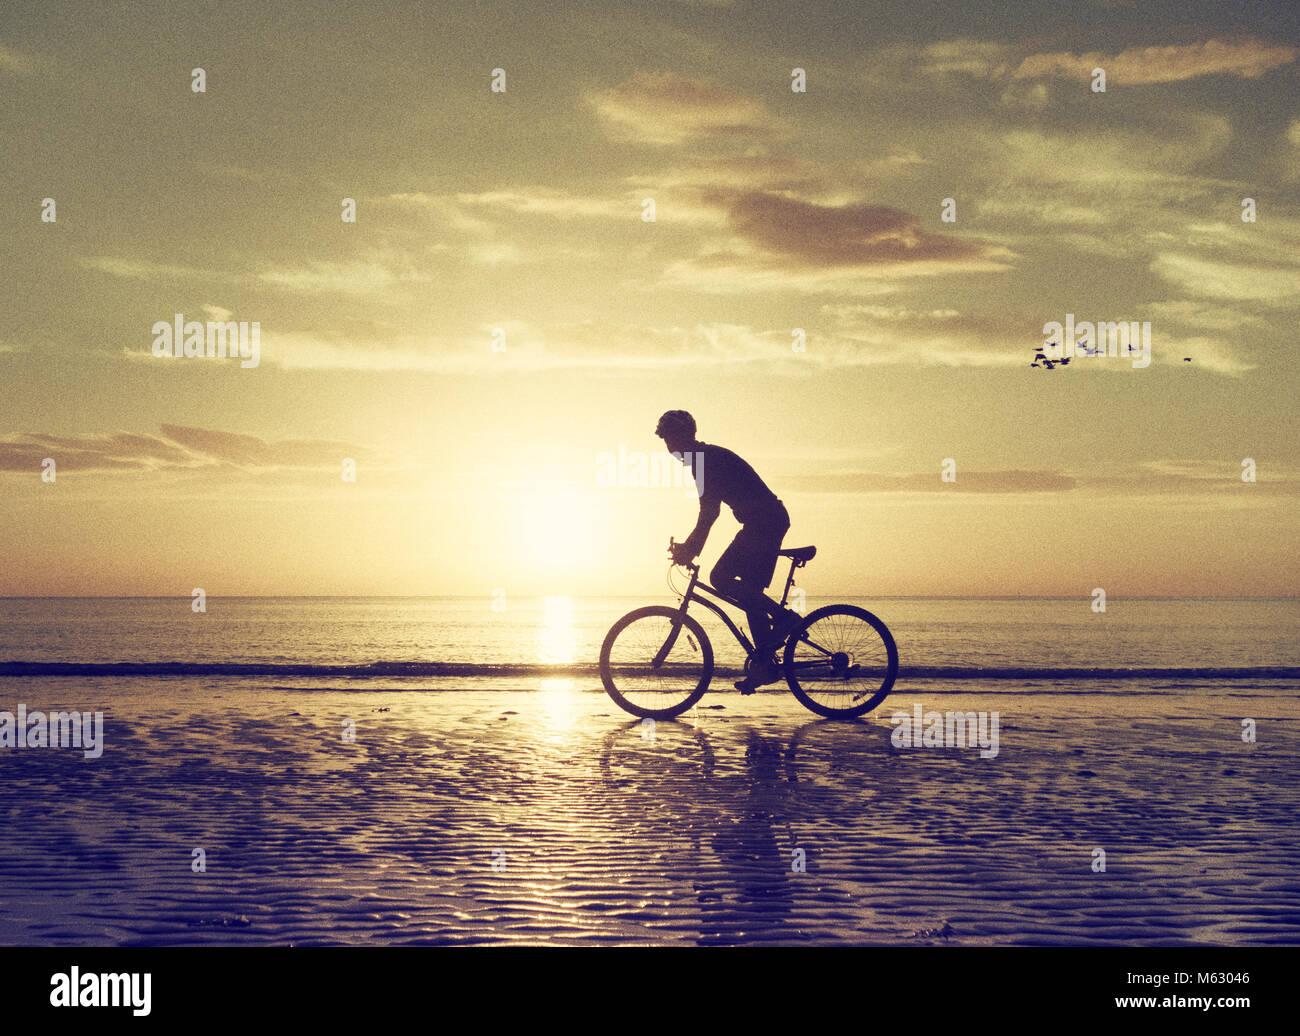 Biker am Strand bei Sonnenaufgang mit hinter Vögel fliegen. Stockbild